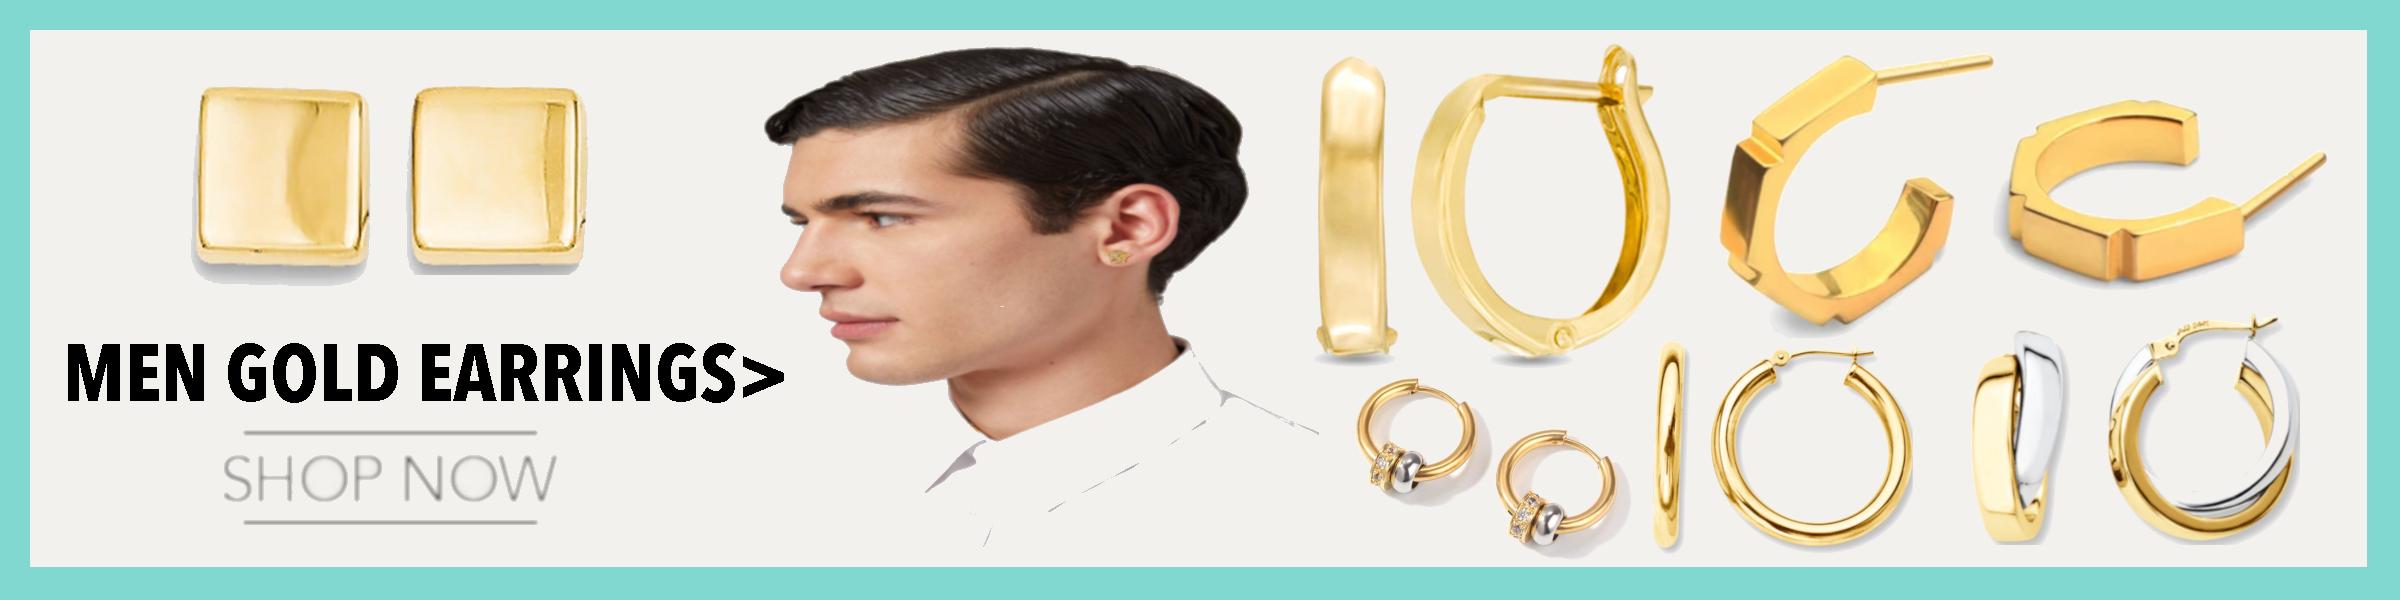 Men Gold Earrings